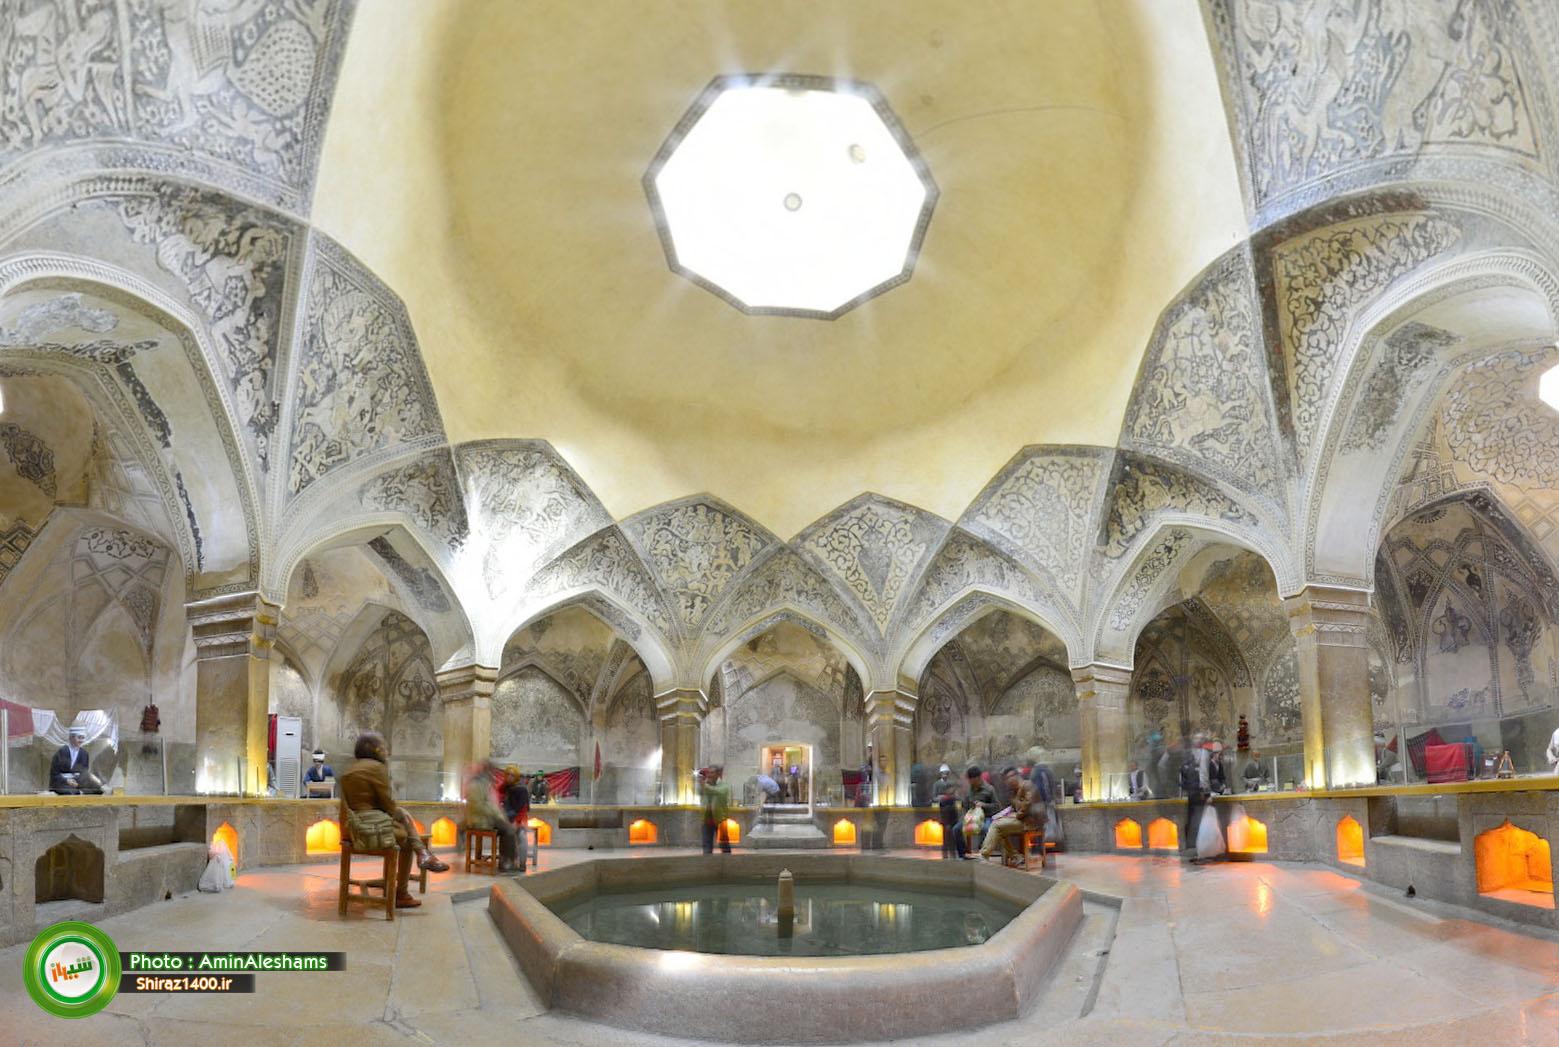 گزارش تصویری : موزه گرمابه ( حمام وکیل ) شیراز – قسمت دوم